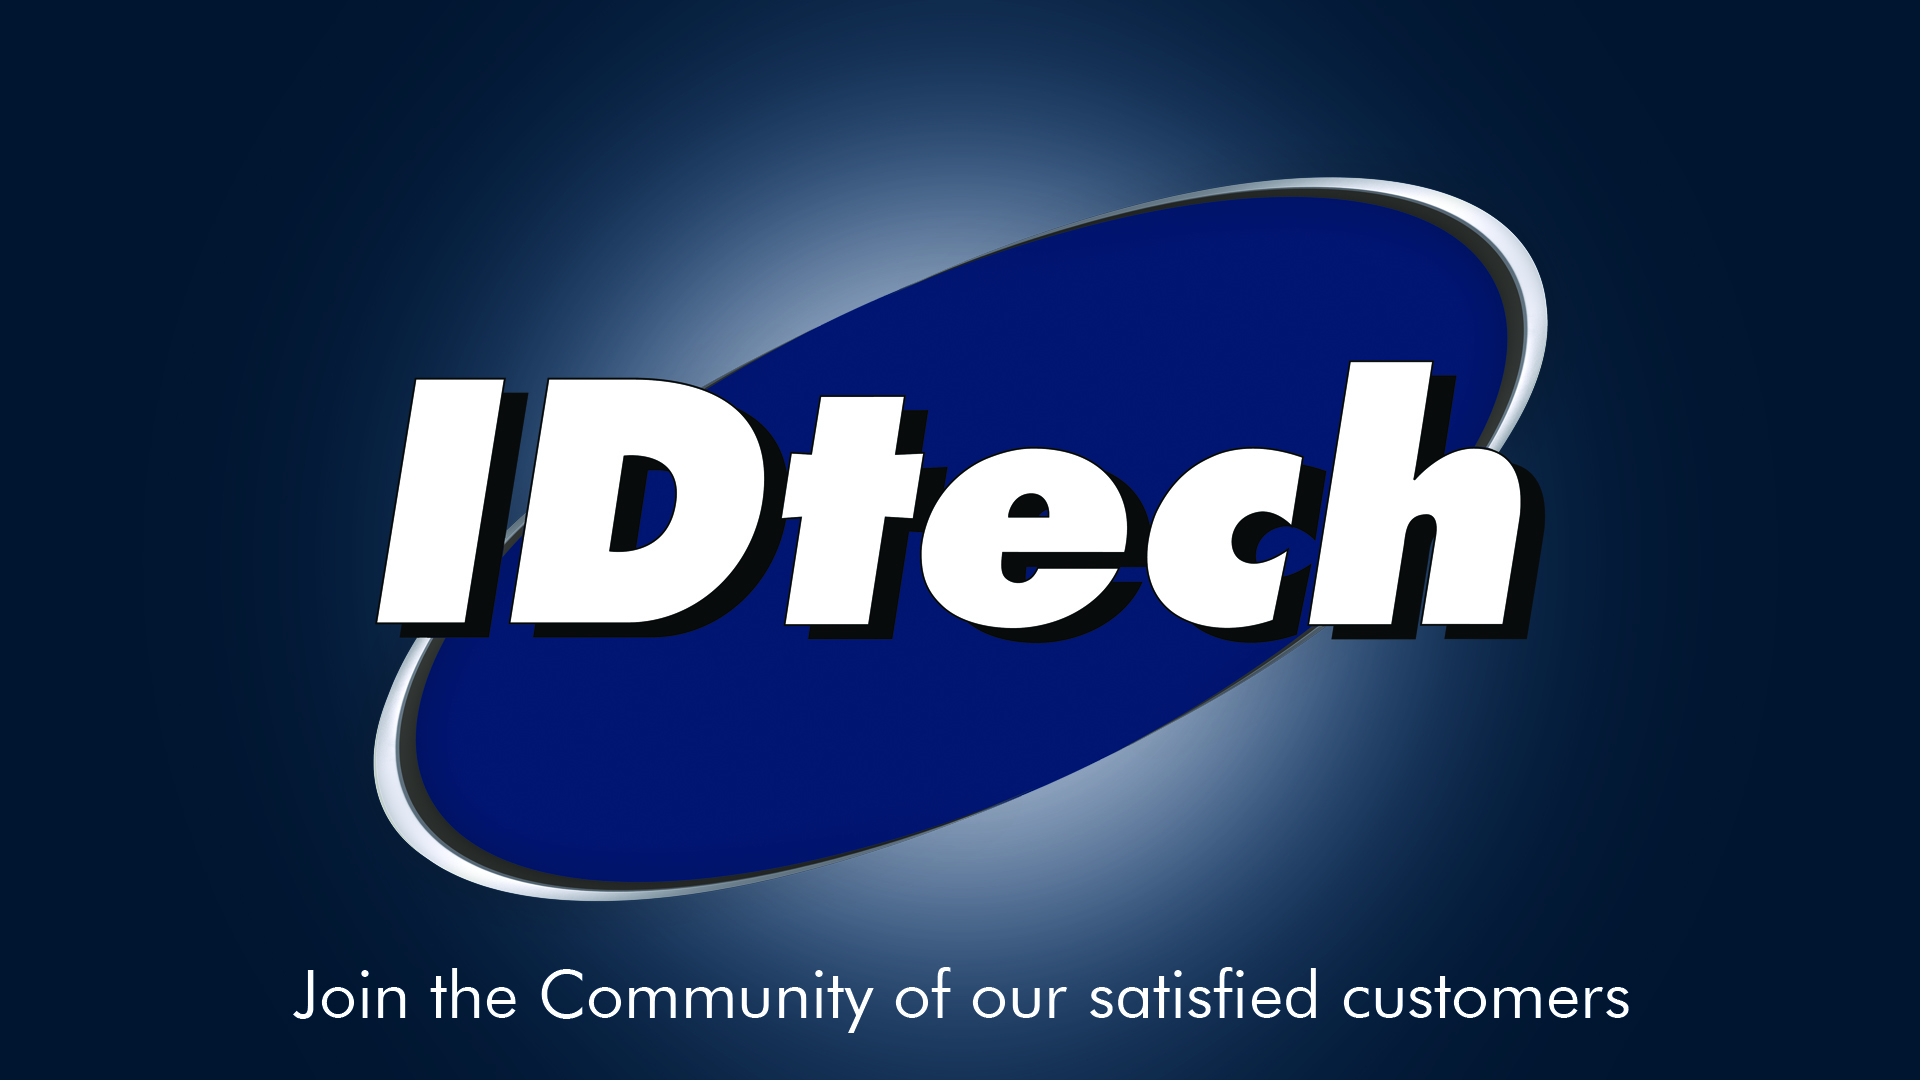 IDtech : une entreprise au service de la sécurité !